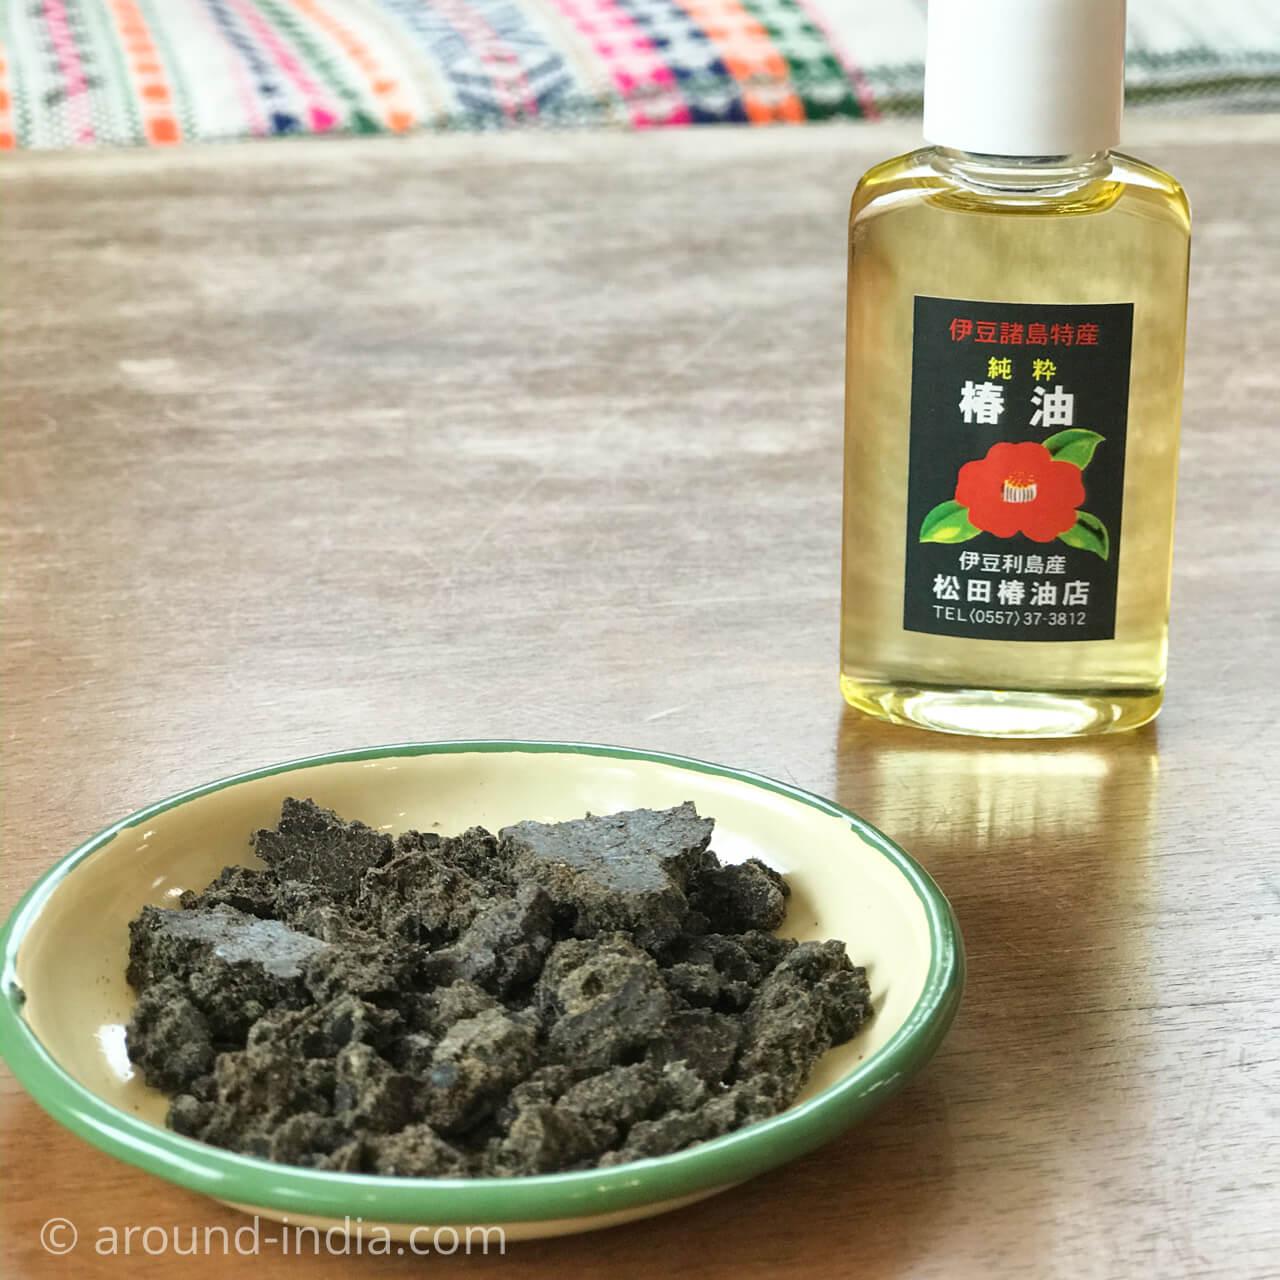 日本古来の洗髪法、松田椿油店の「椿油シャンプー」をやってみよう!